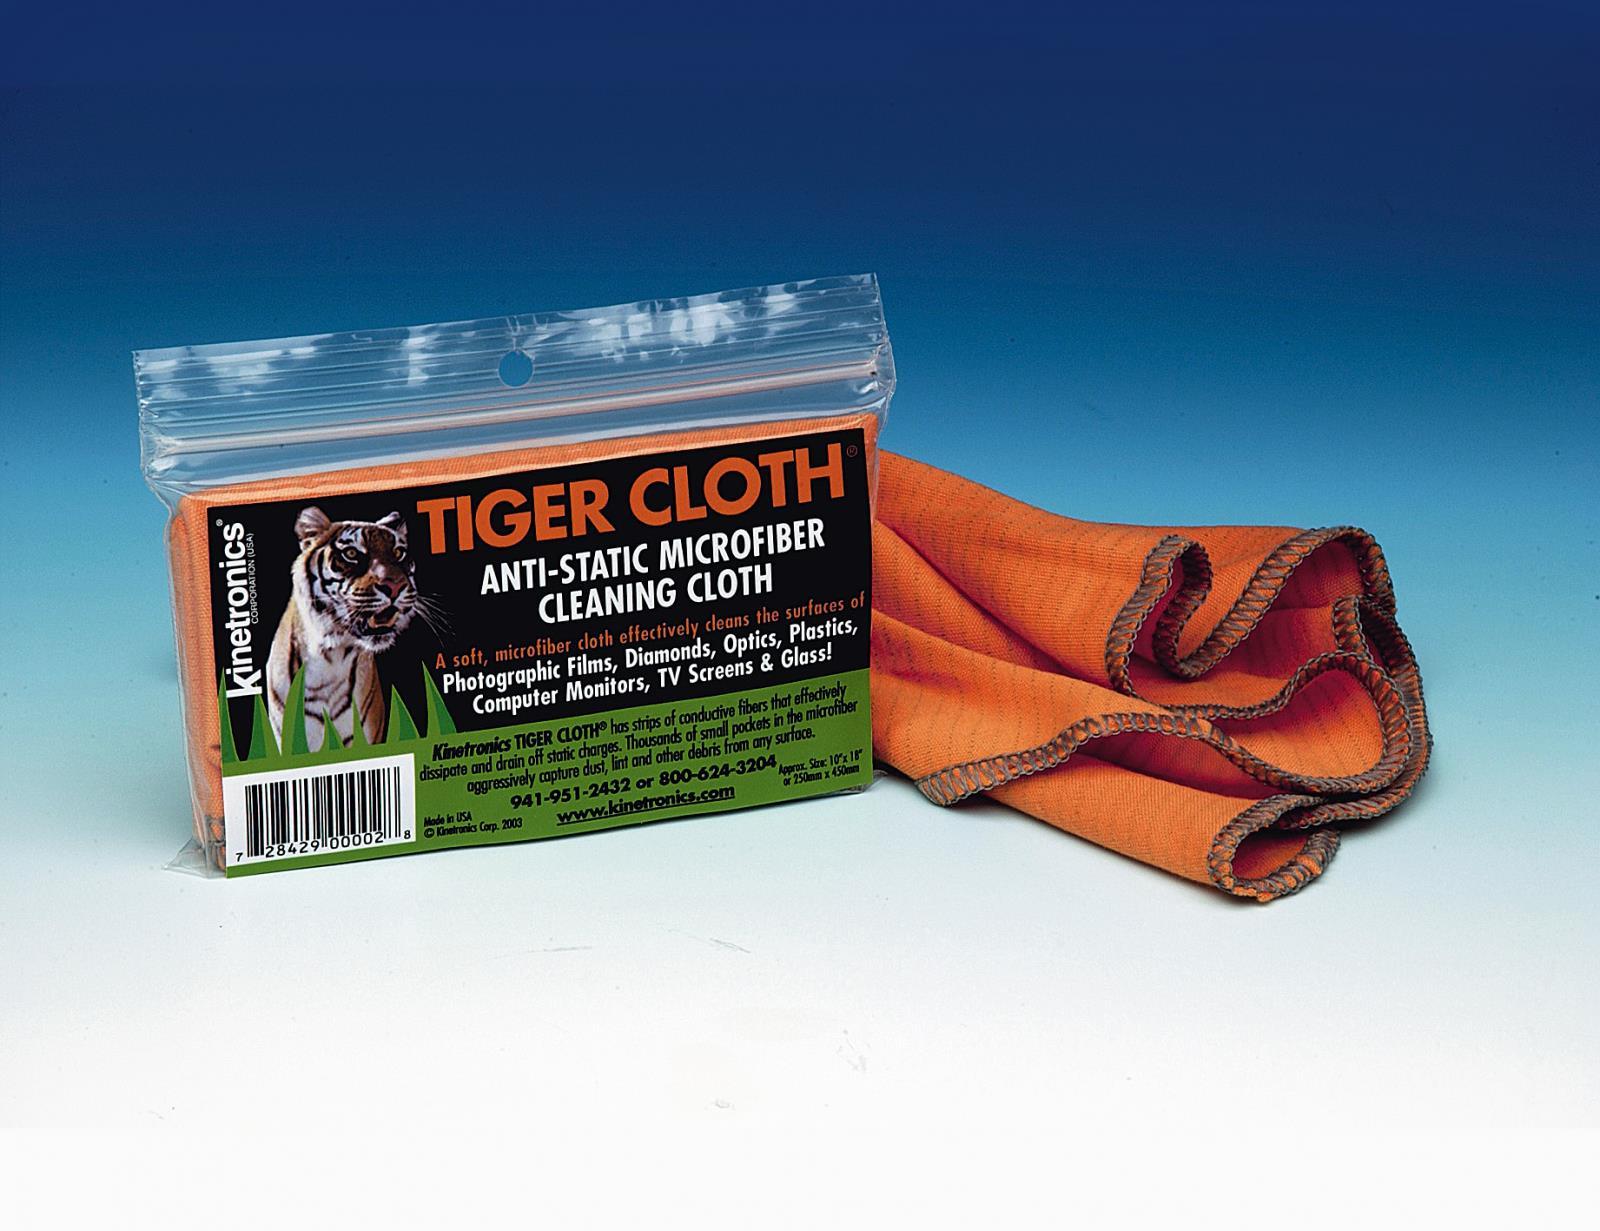 Kaiser Fototechnik Antistatik-Tuch Tiger Cloth ASC, 250 x 450 mm, für den Einsatz ohne Flüssigkeiten